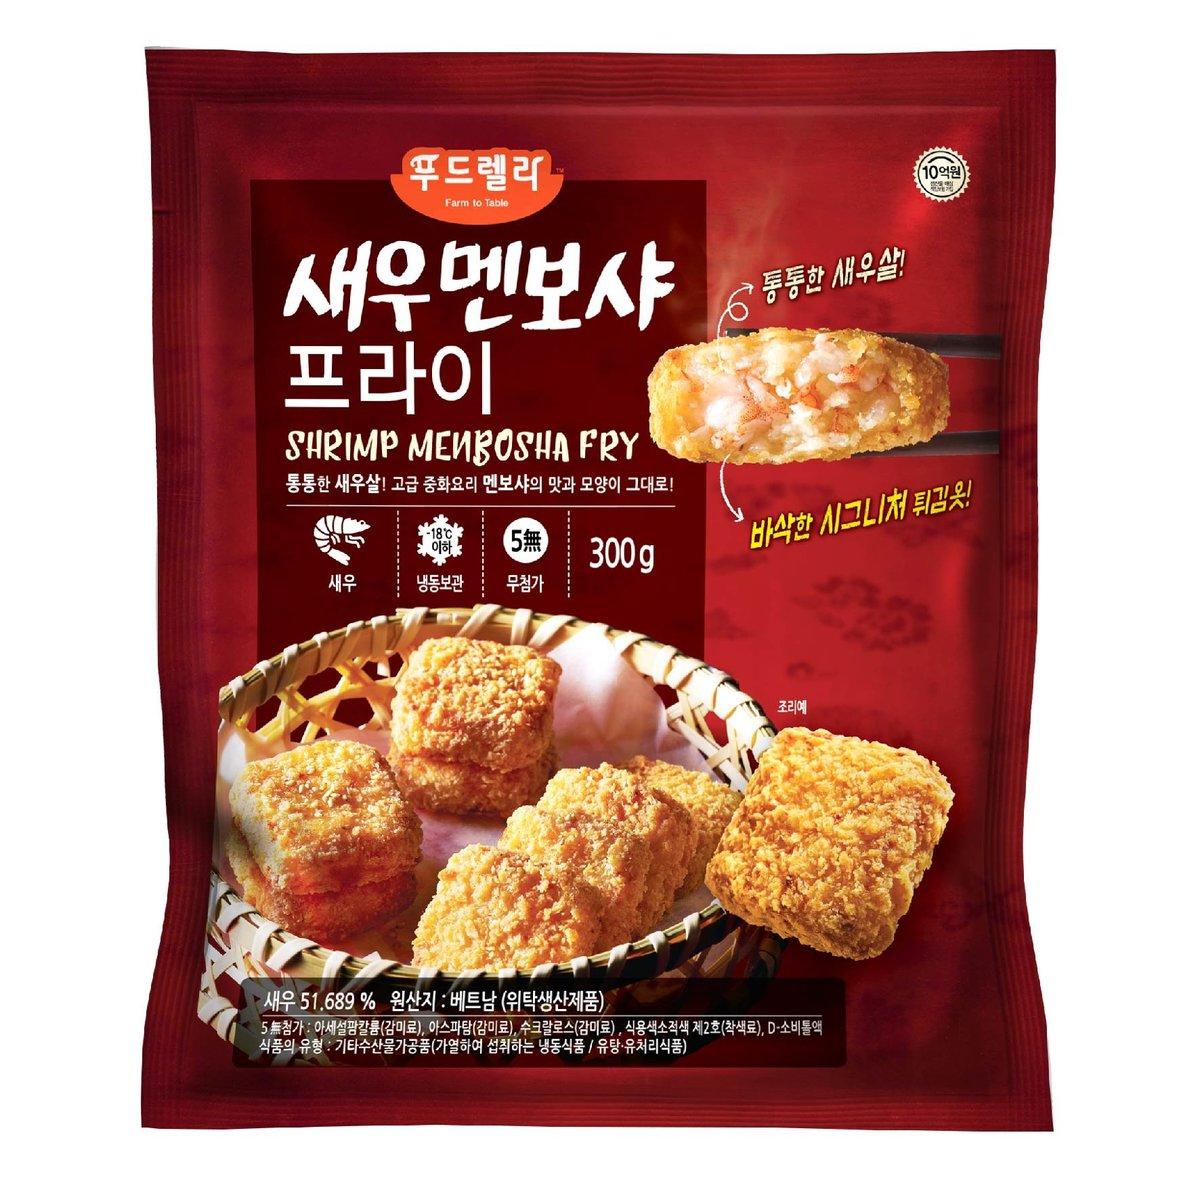 韓國脆蝦盒